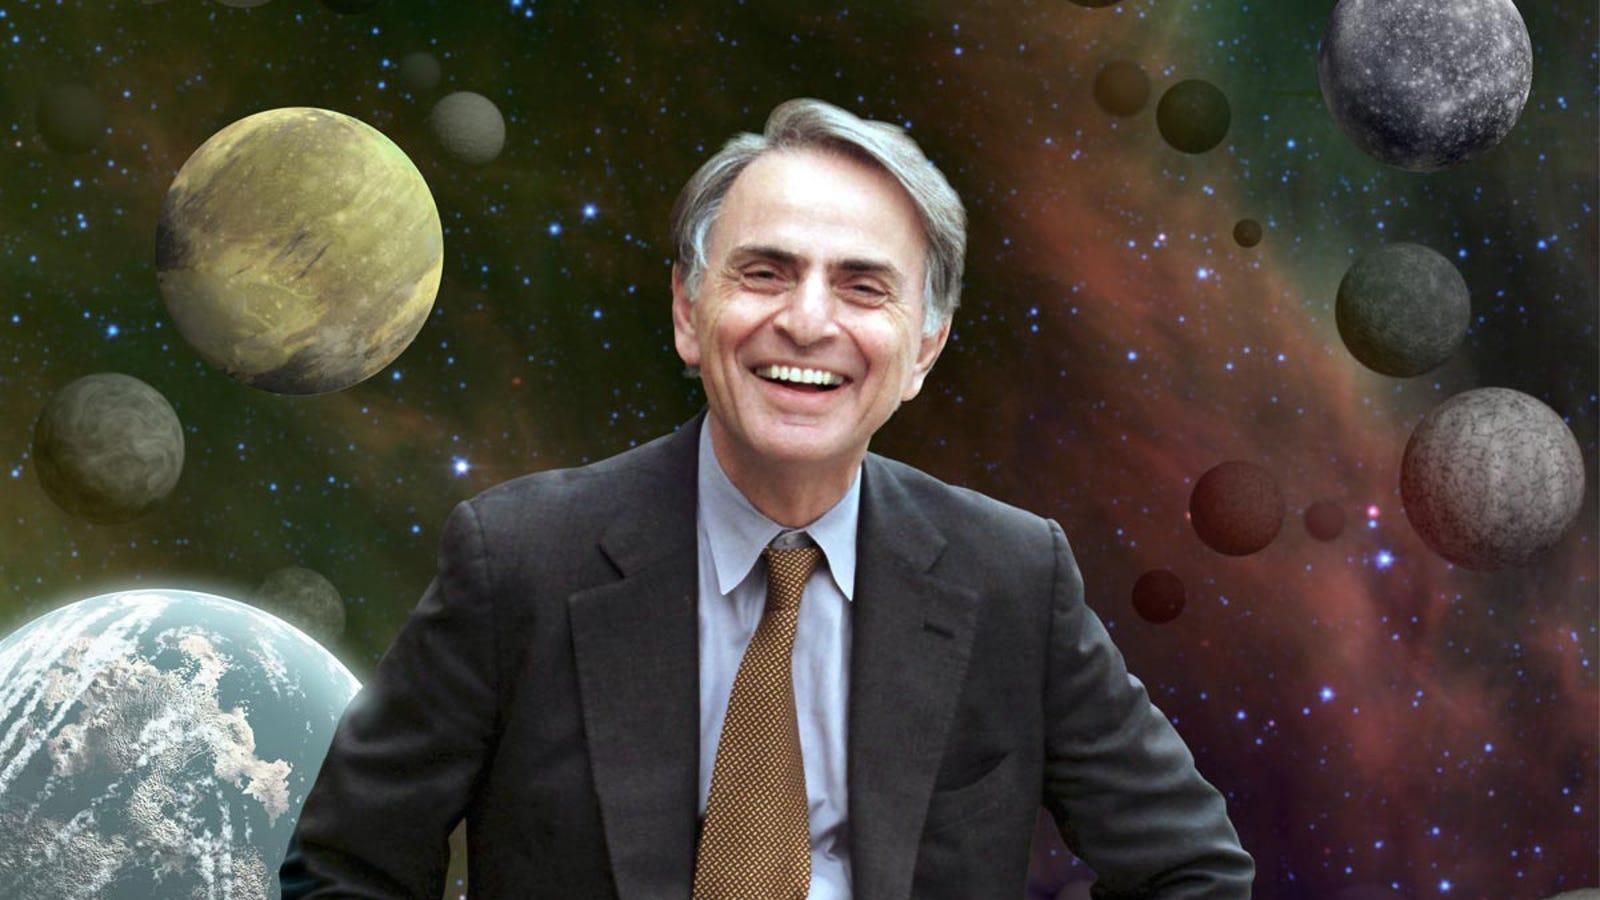 El día que Carl Sagan demostró a los terraplanistas que la Tierra es esférica usando un simple palo